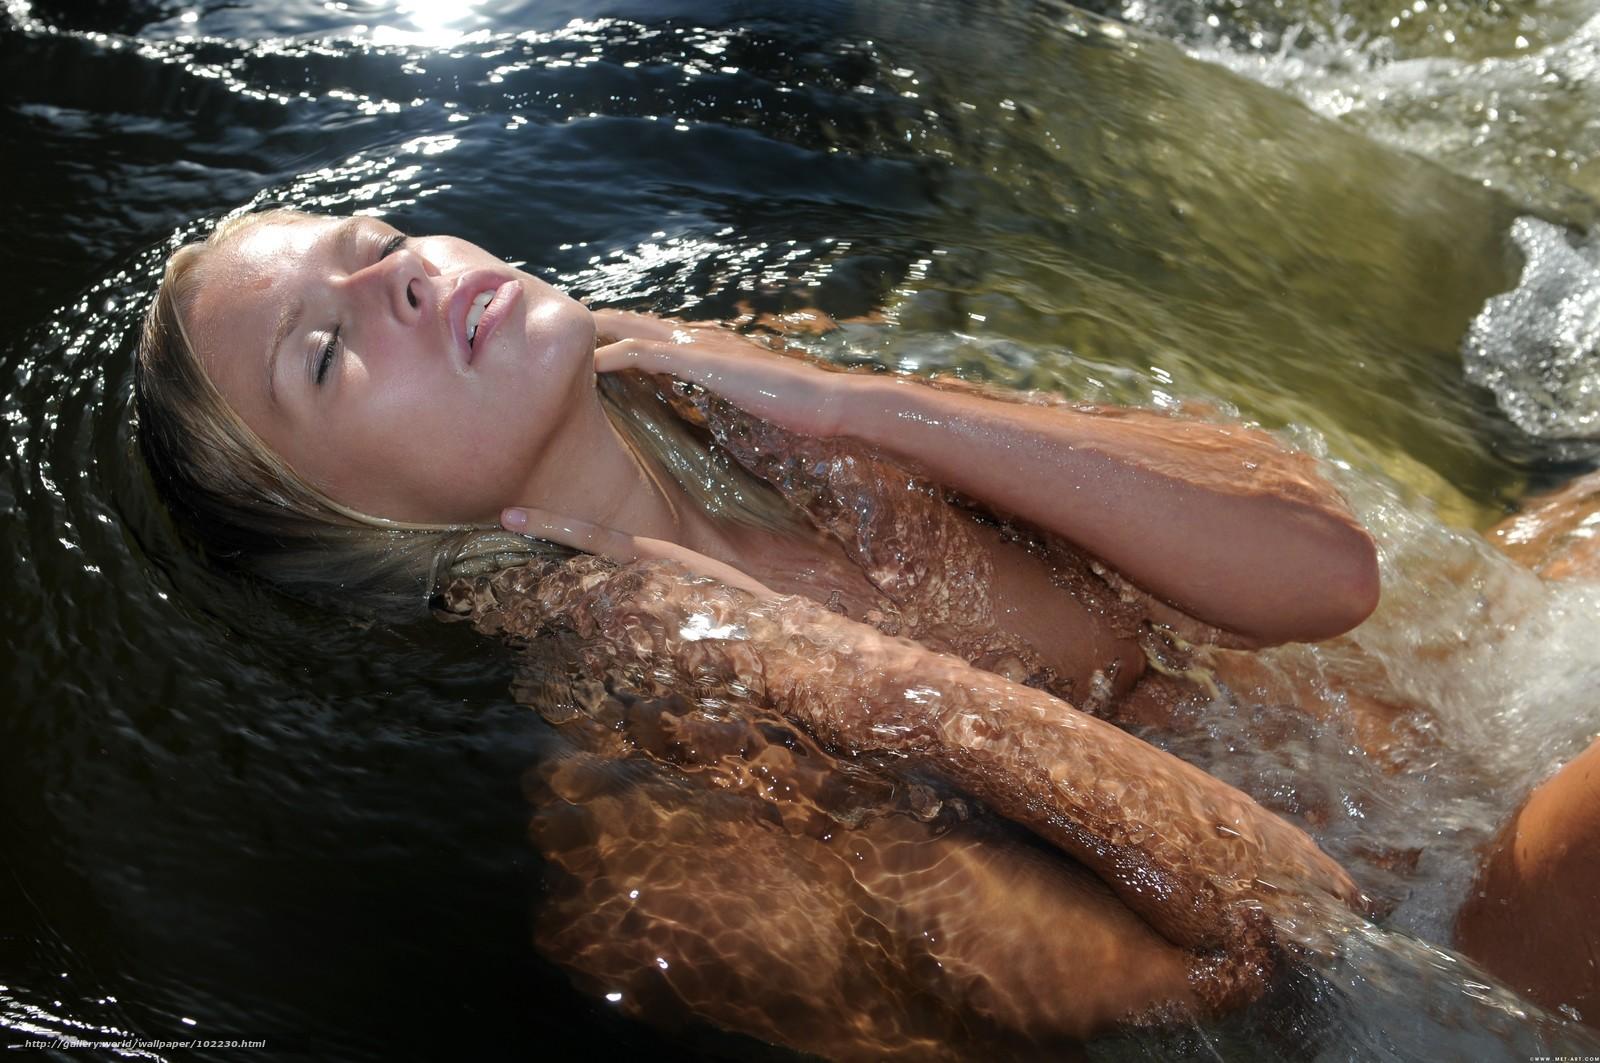 У моей девушки снизу мокро 17 фотография